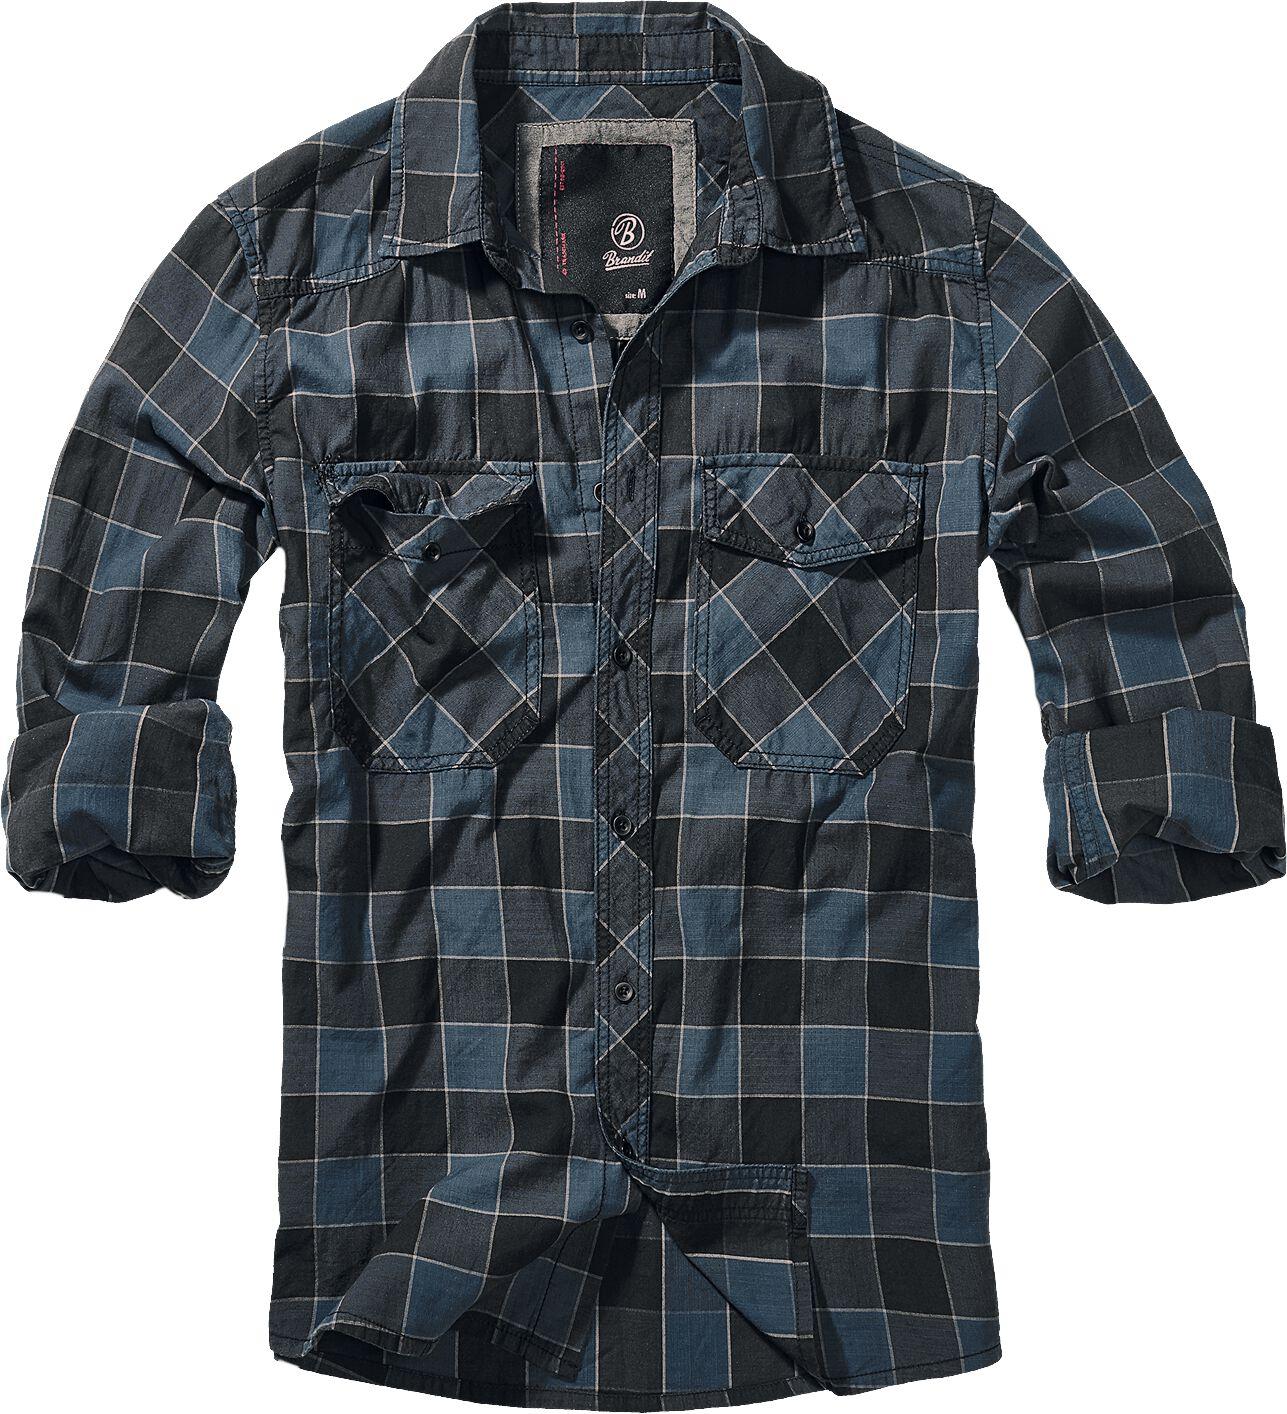 Image of   Brandit Checkshirt Skjorte blå-grå-sort